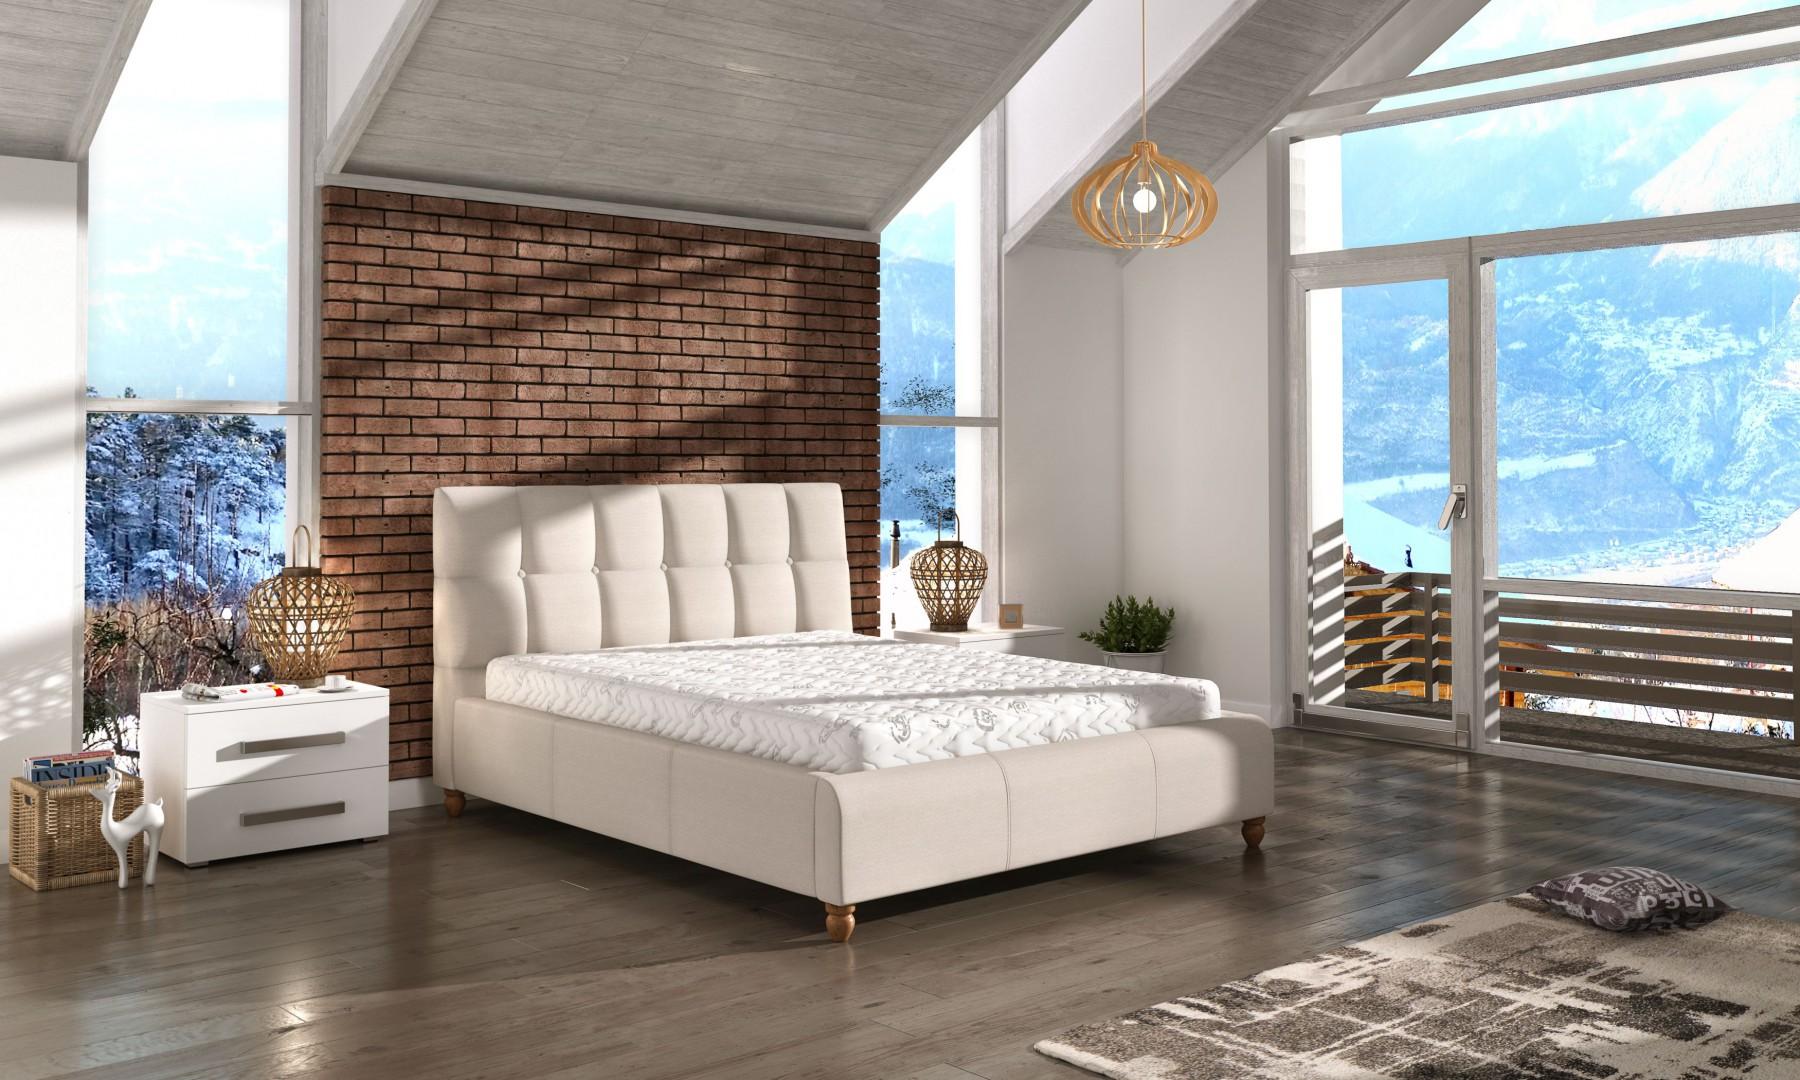 Łóżko tapicerowane Aston marki Comforteo. Fot. Comforteo